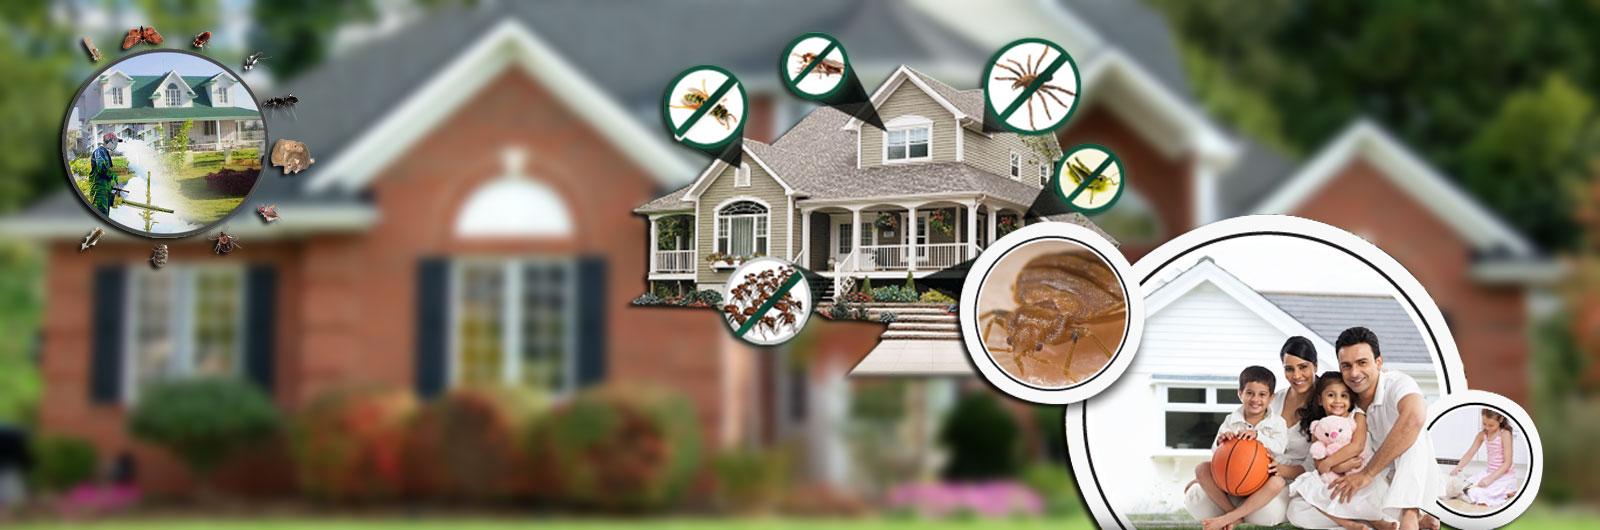 Villa Pest Control